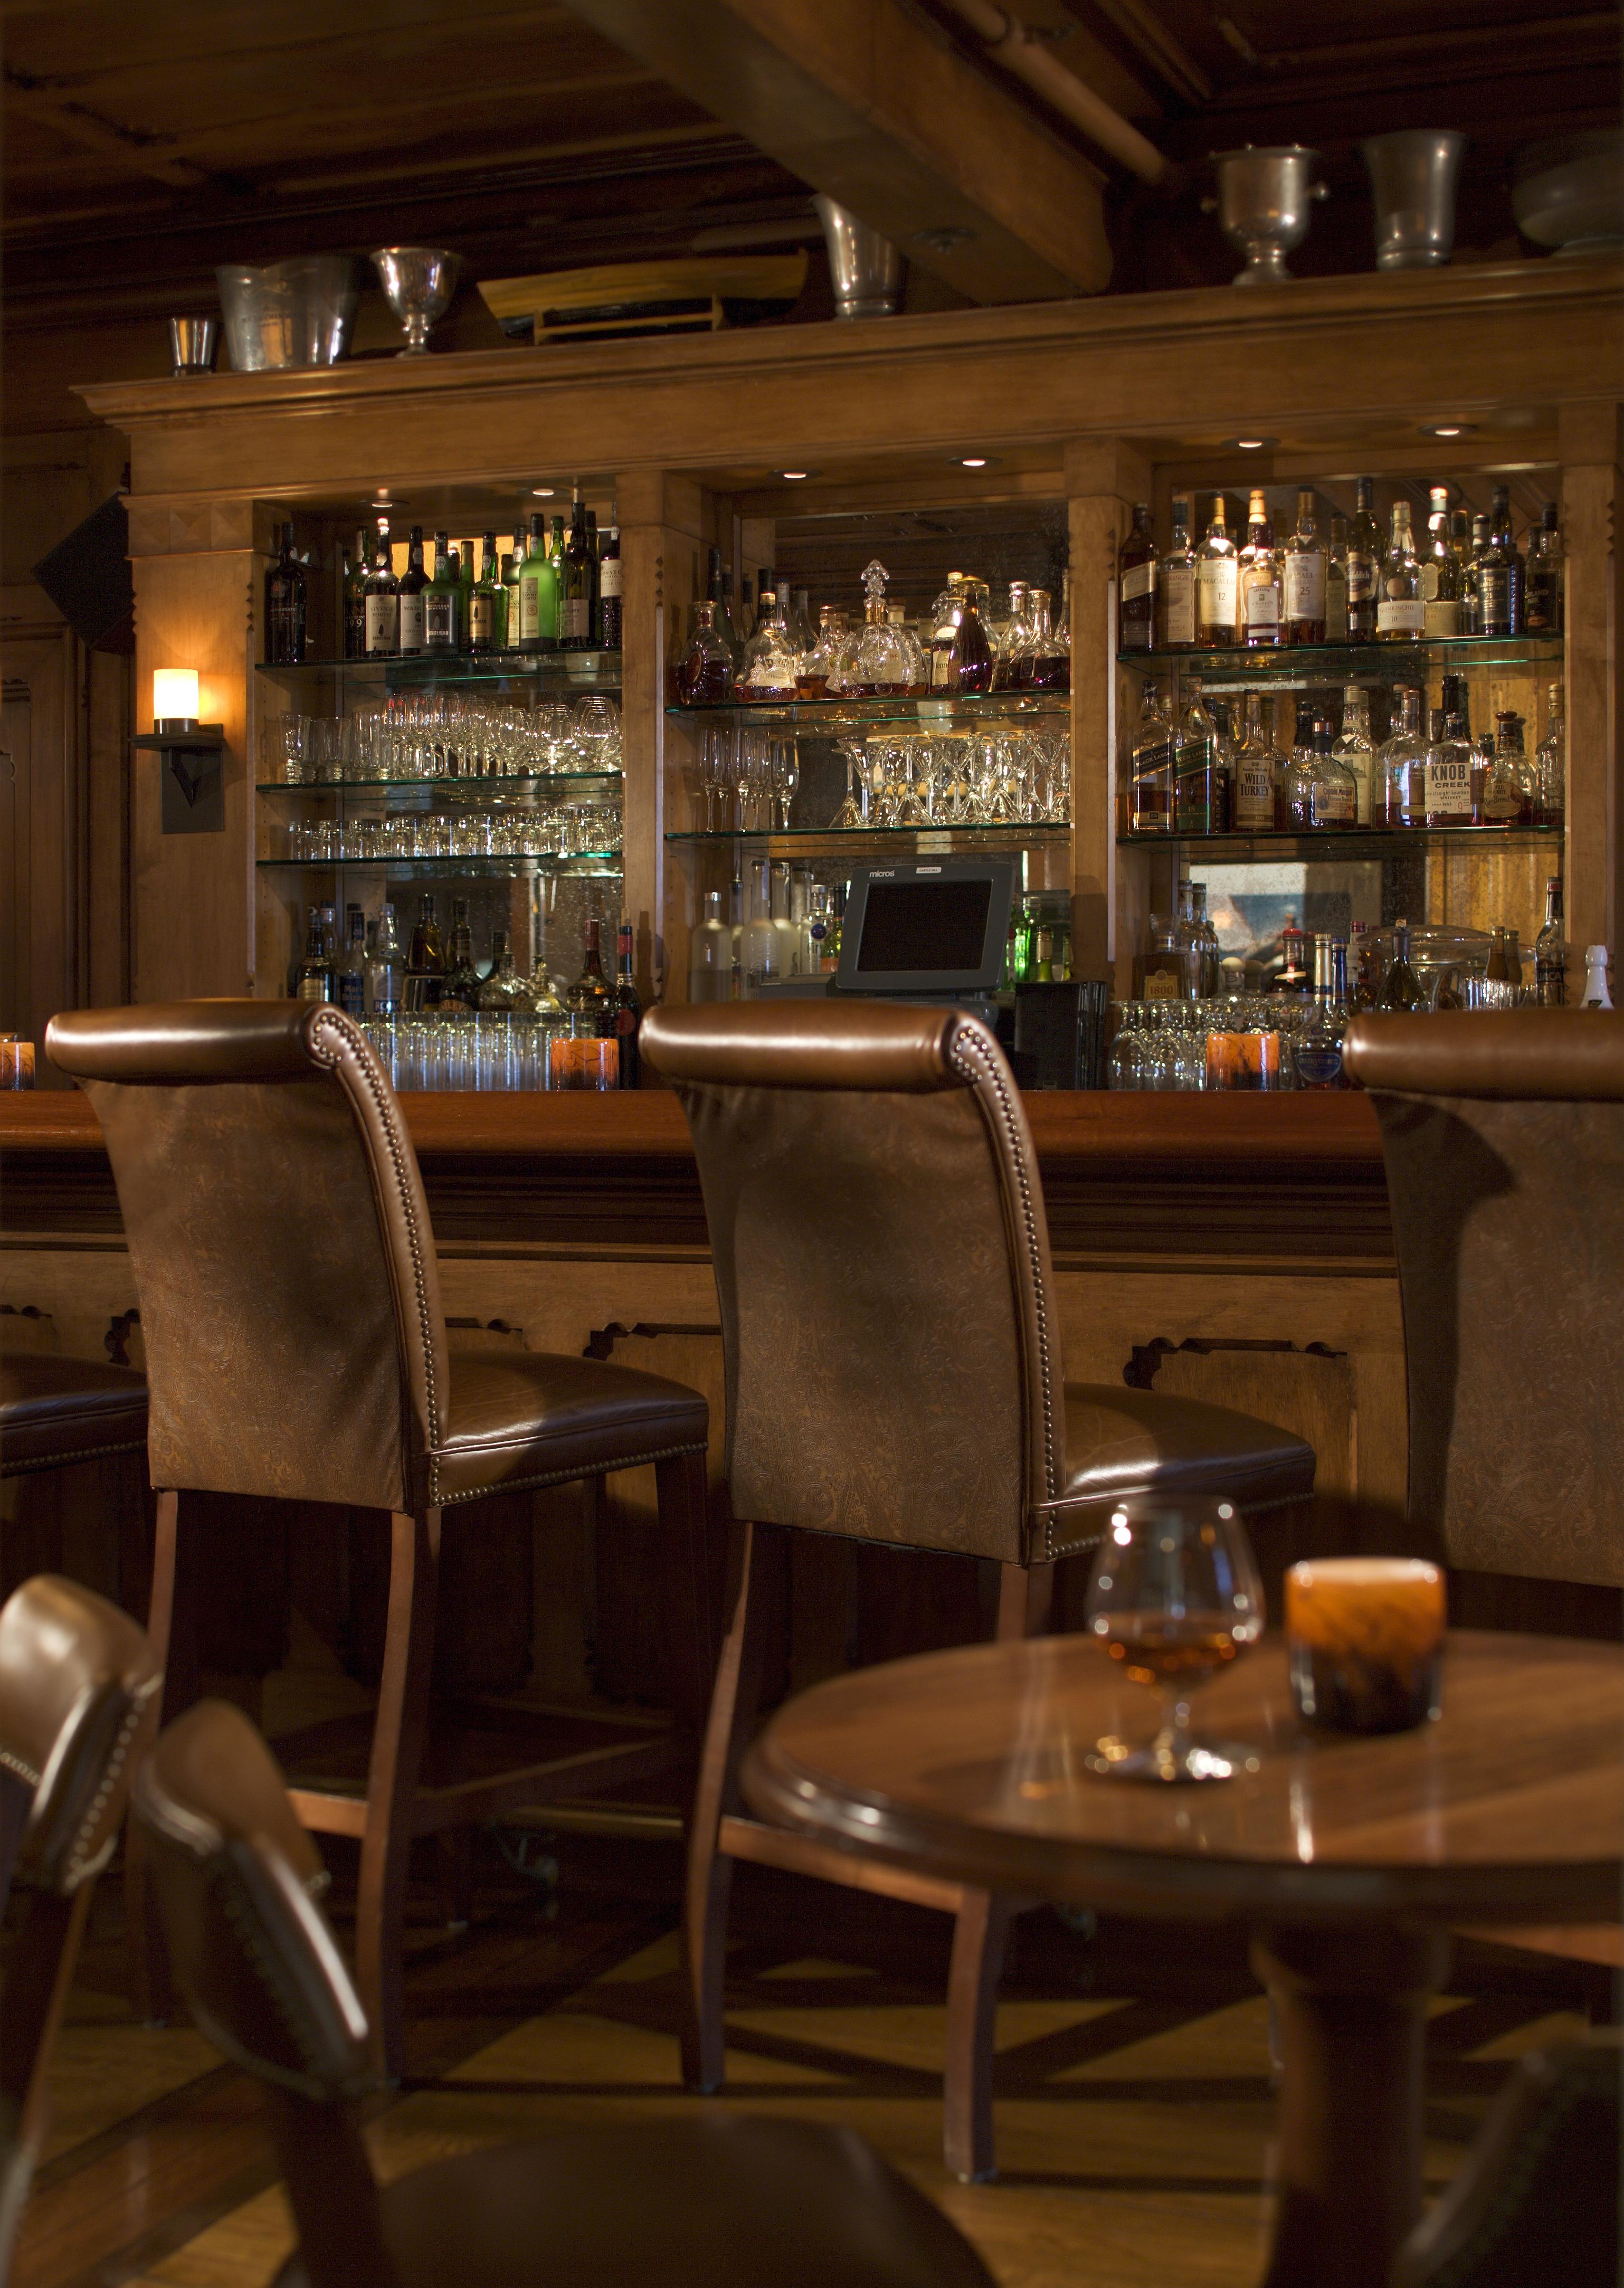 71 The Dining Room At Castle Hill Inn Resort